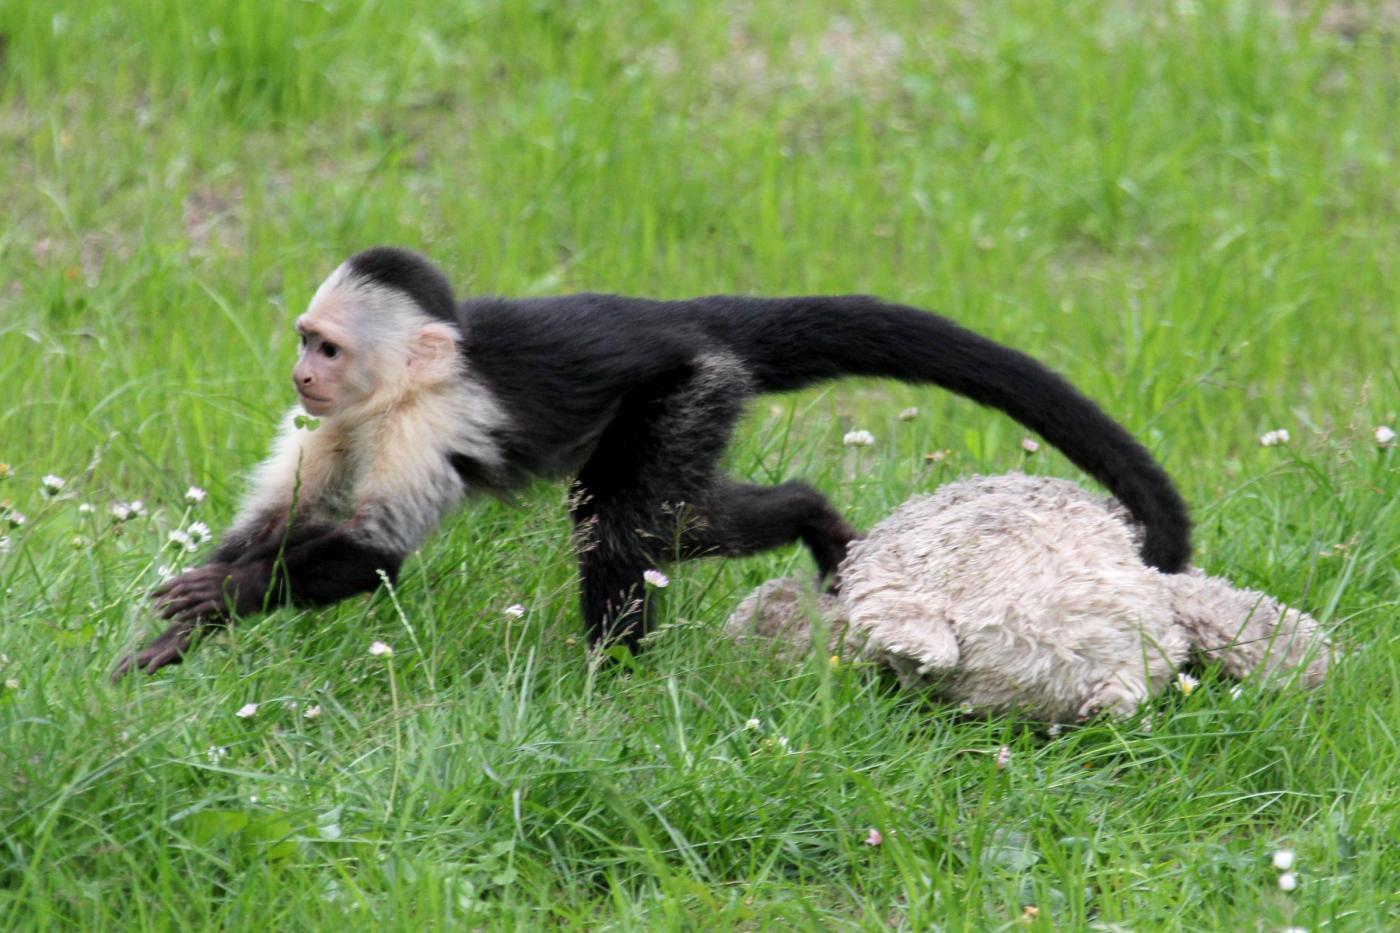 Germania, la scimmia di Justin Bieber ha trovato casa 04